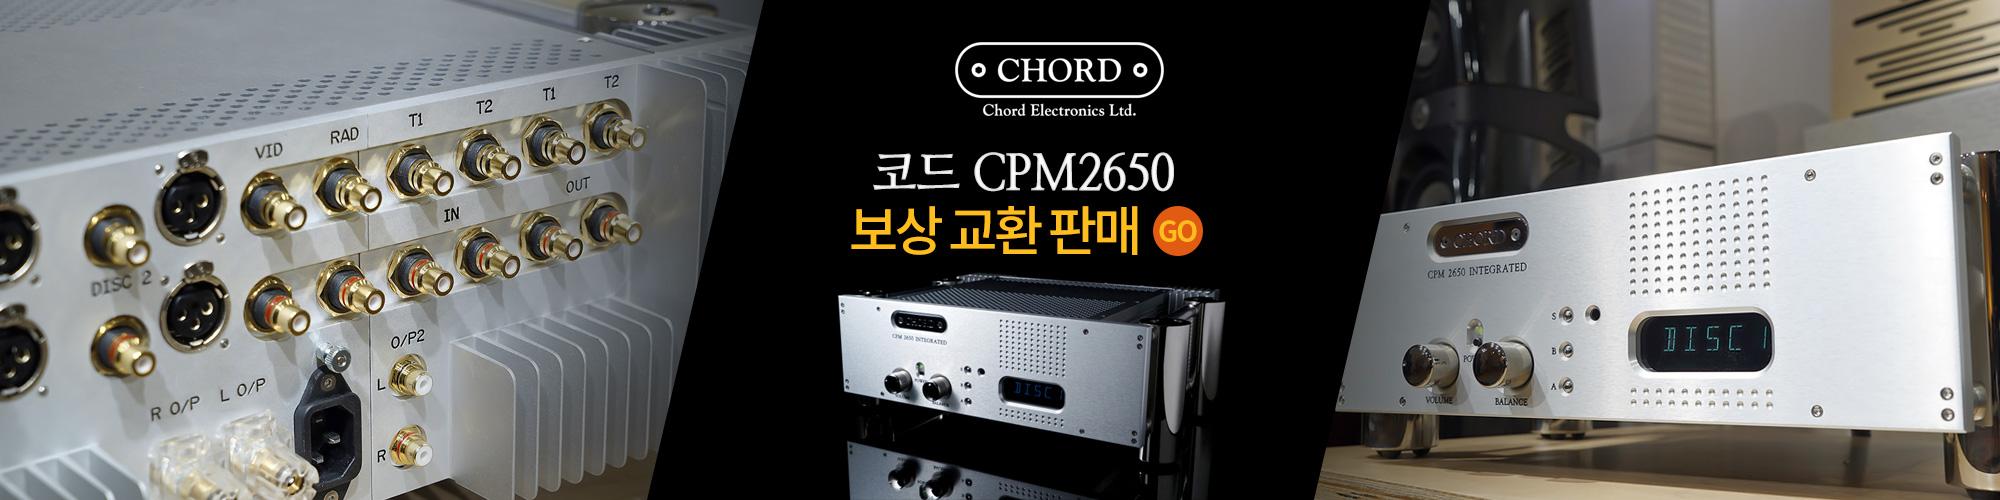 코드 CPM2650 보상 교환 판매